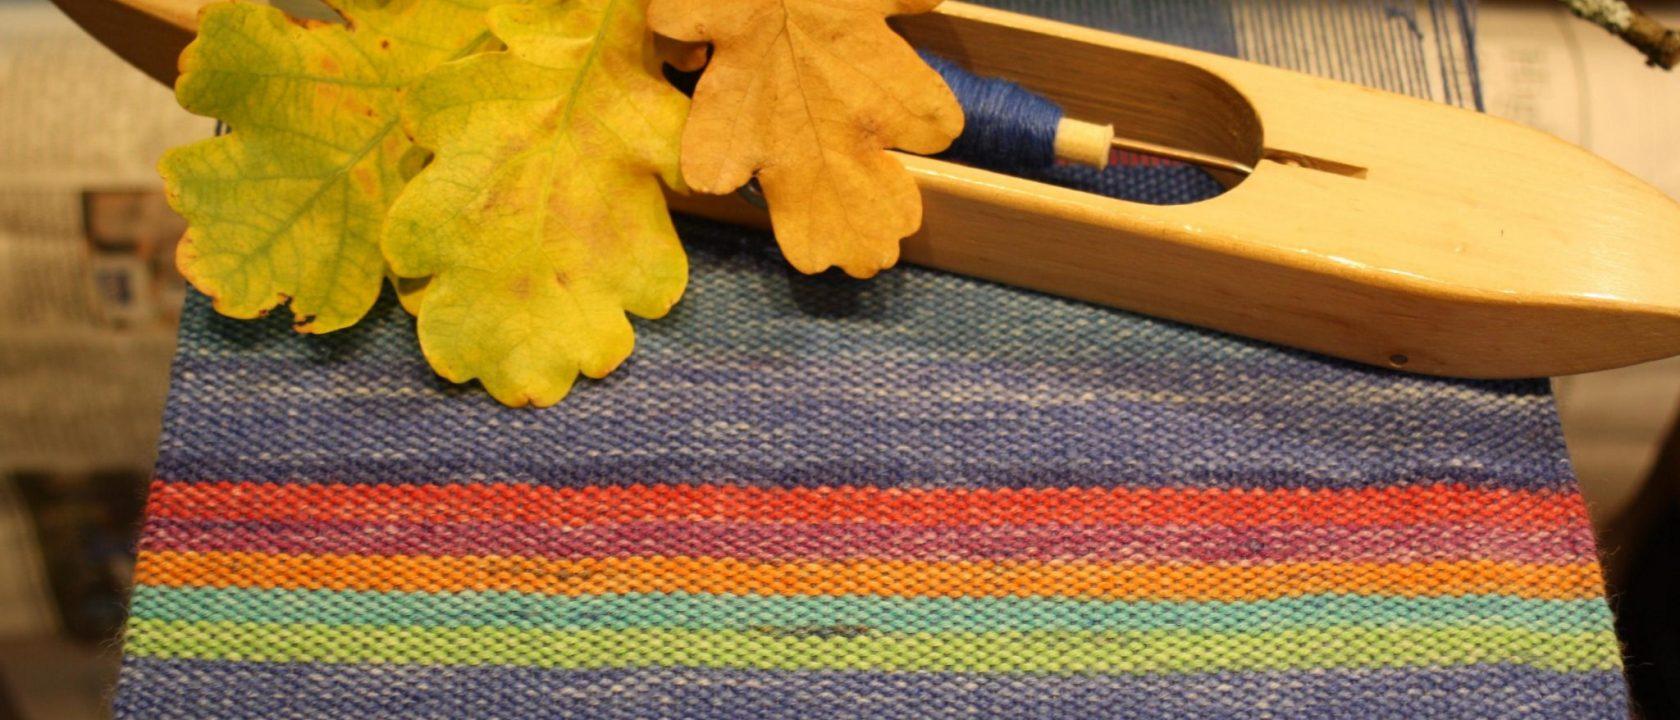 Blauer handgewebter Schal mit bunten Streifen